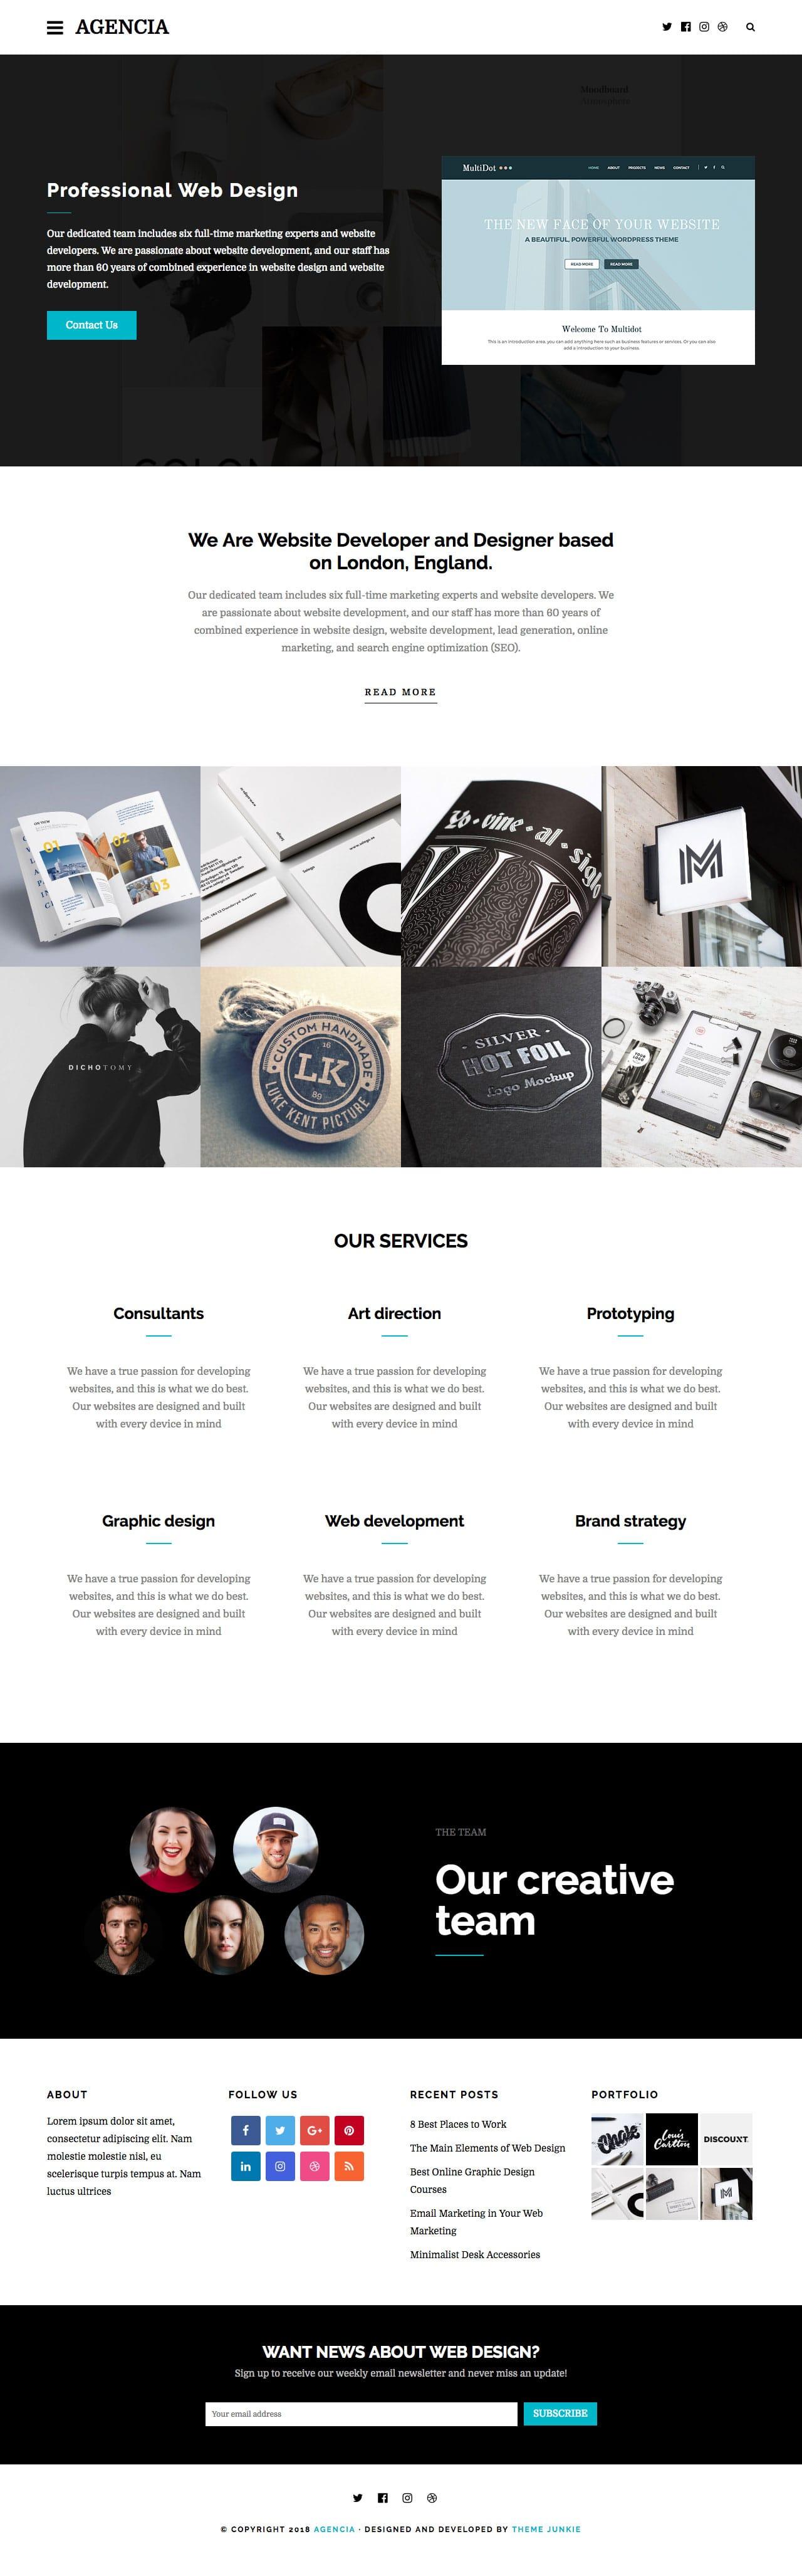 Agencia-WordPress-Theme